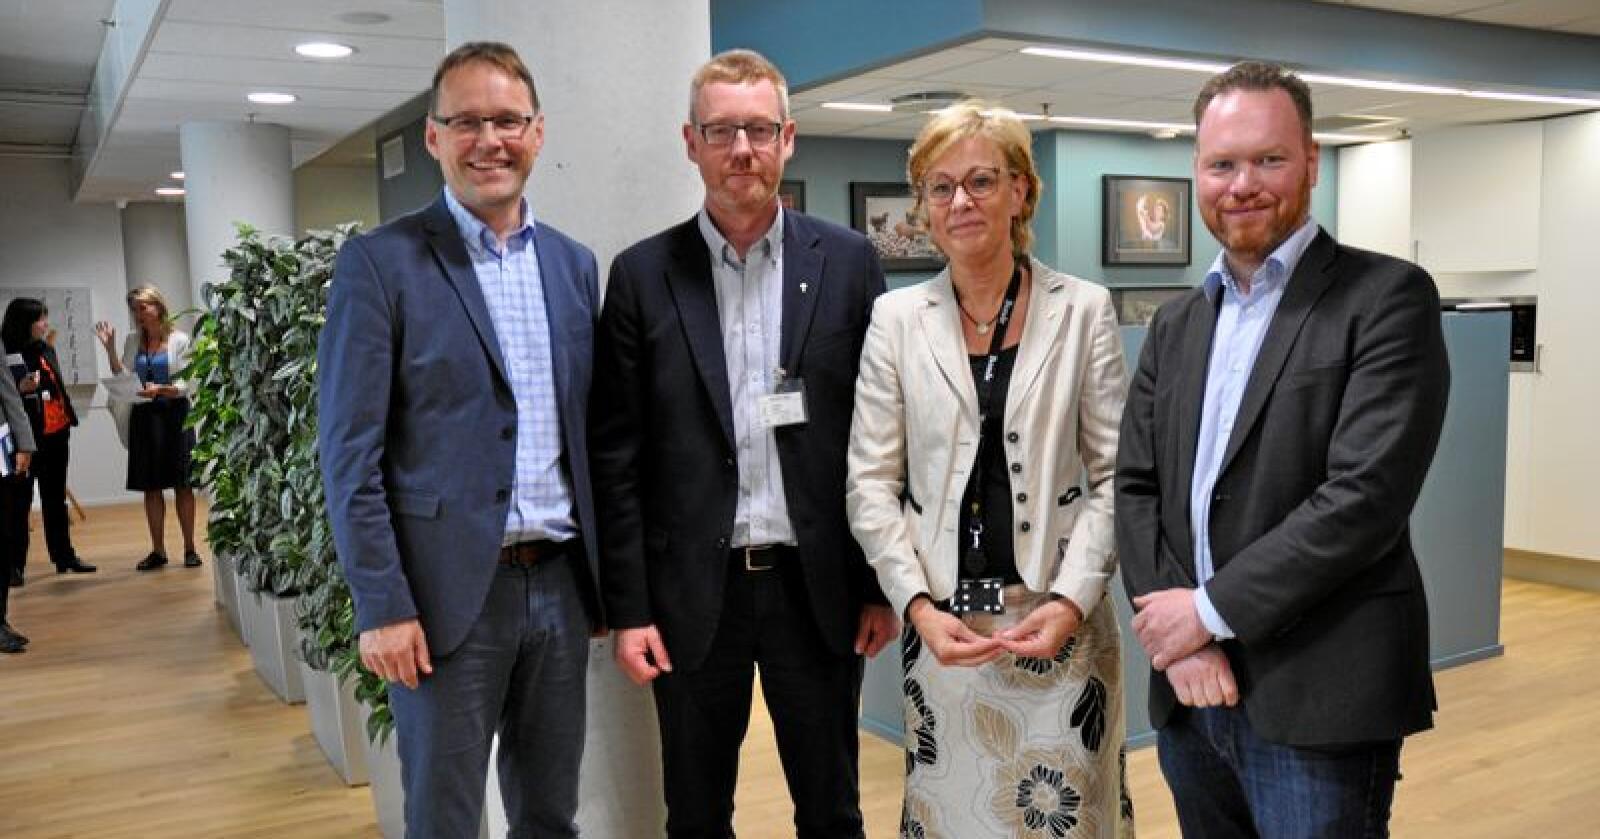 Bondelaget og regjeringen møttes torsdag. Fra venstre Widar Skogan, Bjørn Gimming, Sigrid Hjørnegård, Magnus Thue. Foto: Lotte Brudevoll